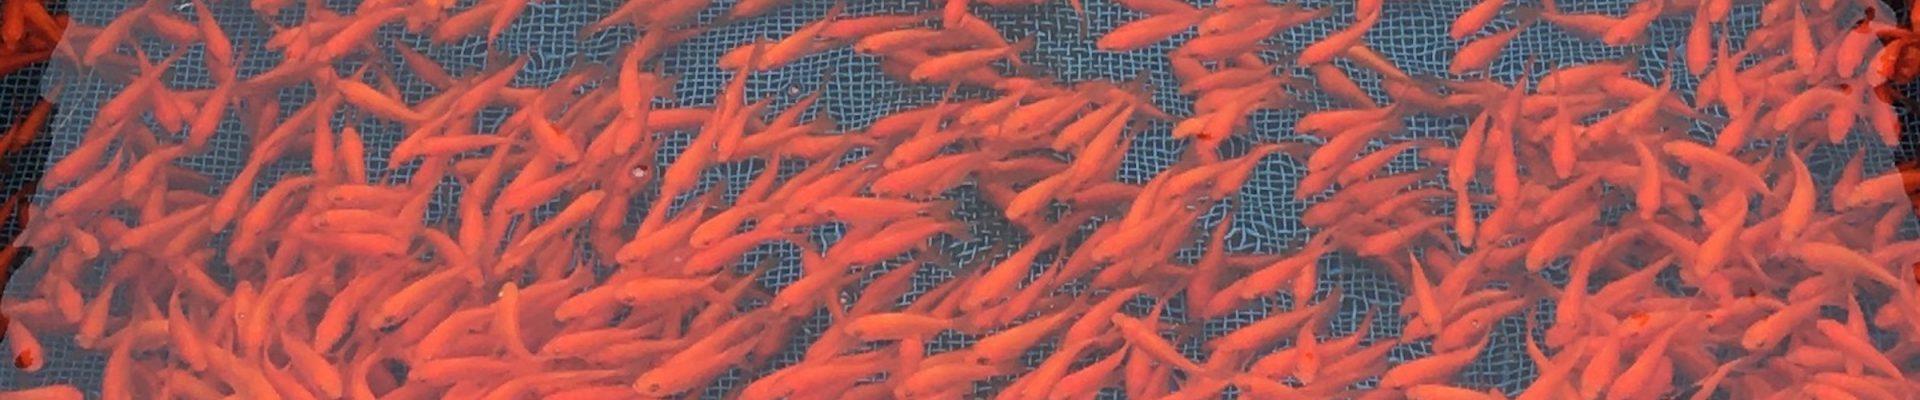 【イベント報告】まちなか金魚生息地マップ作り!で、800枚を超える金魚画像を収集!